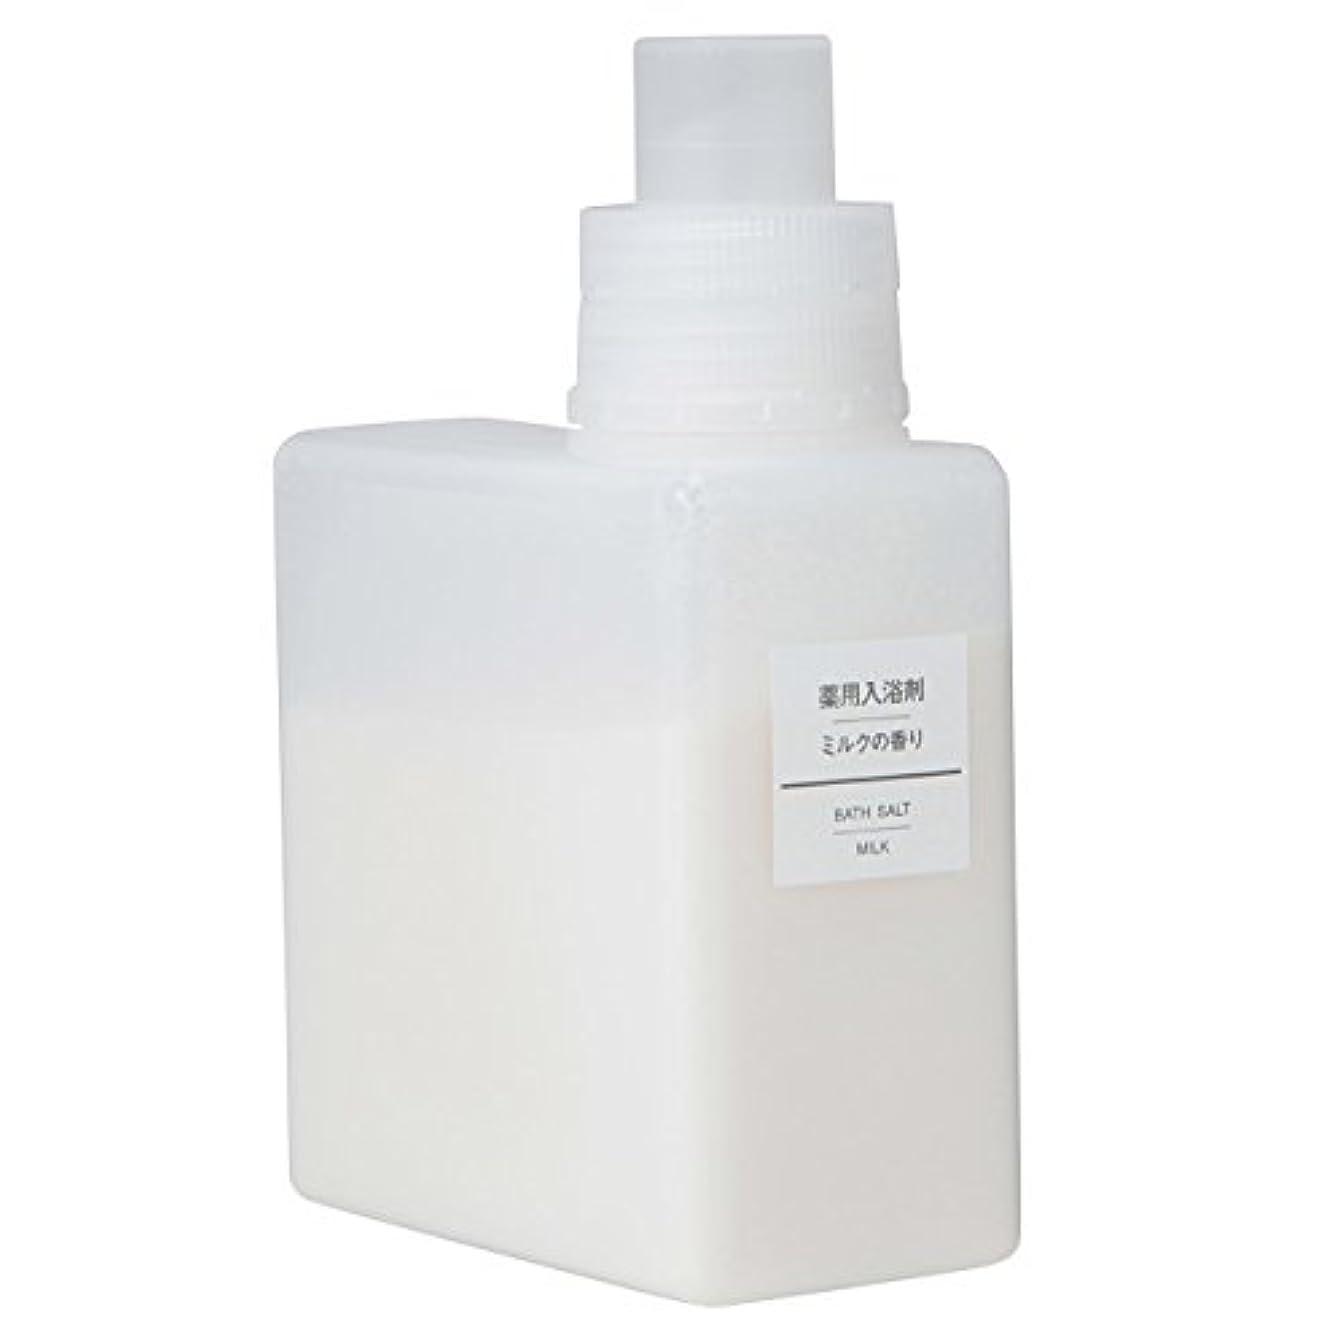 スリラーママジョージスティーブンソン無印良品 薬用入浴剤?ミルクの香り (新)500g 日本製